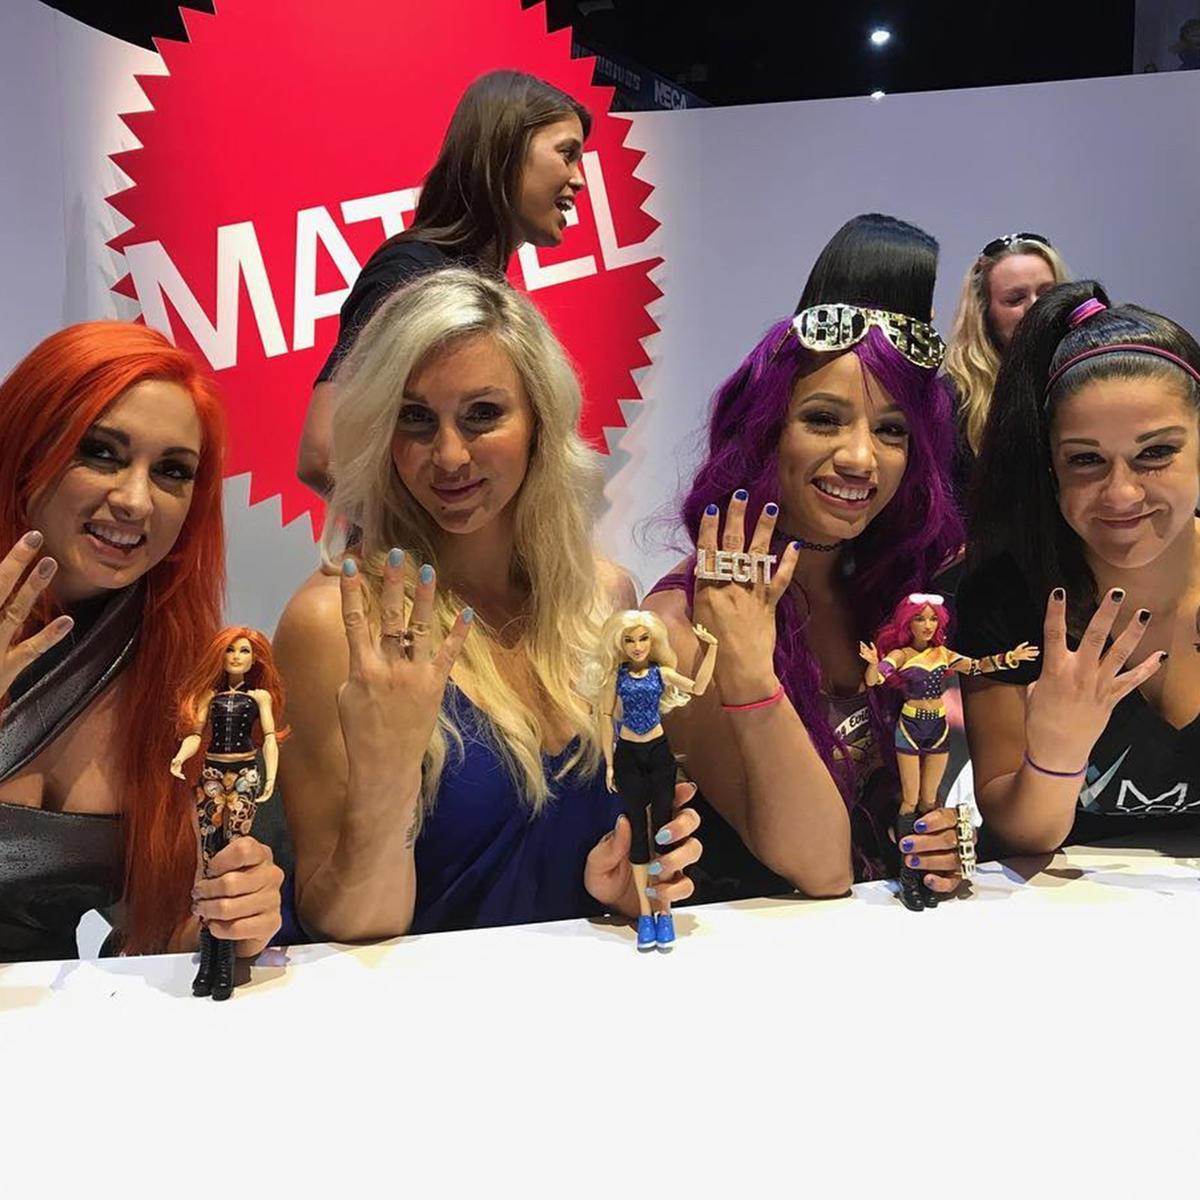 Becky Lynch, Charlotte, Sasha Banks and Bayley